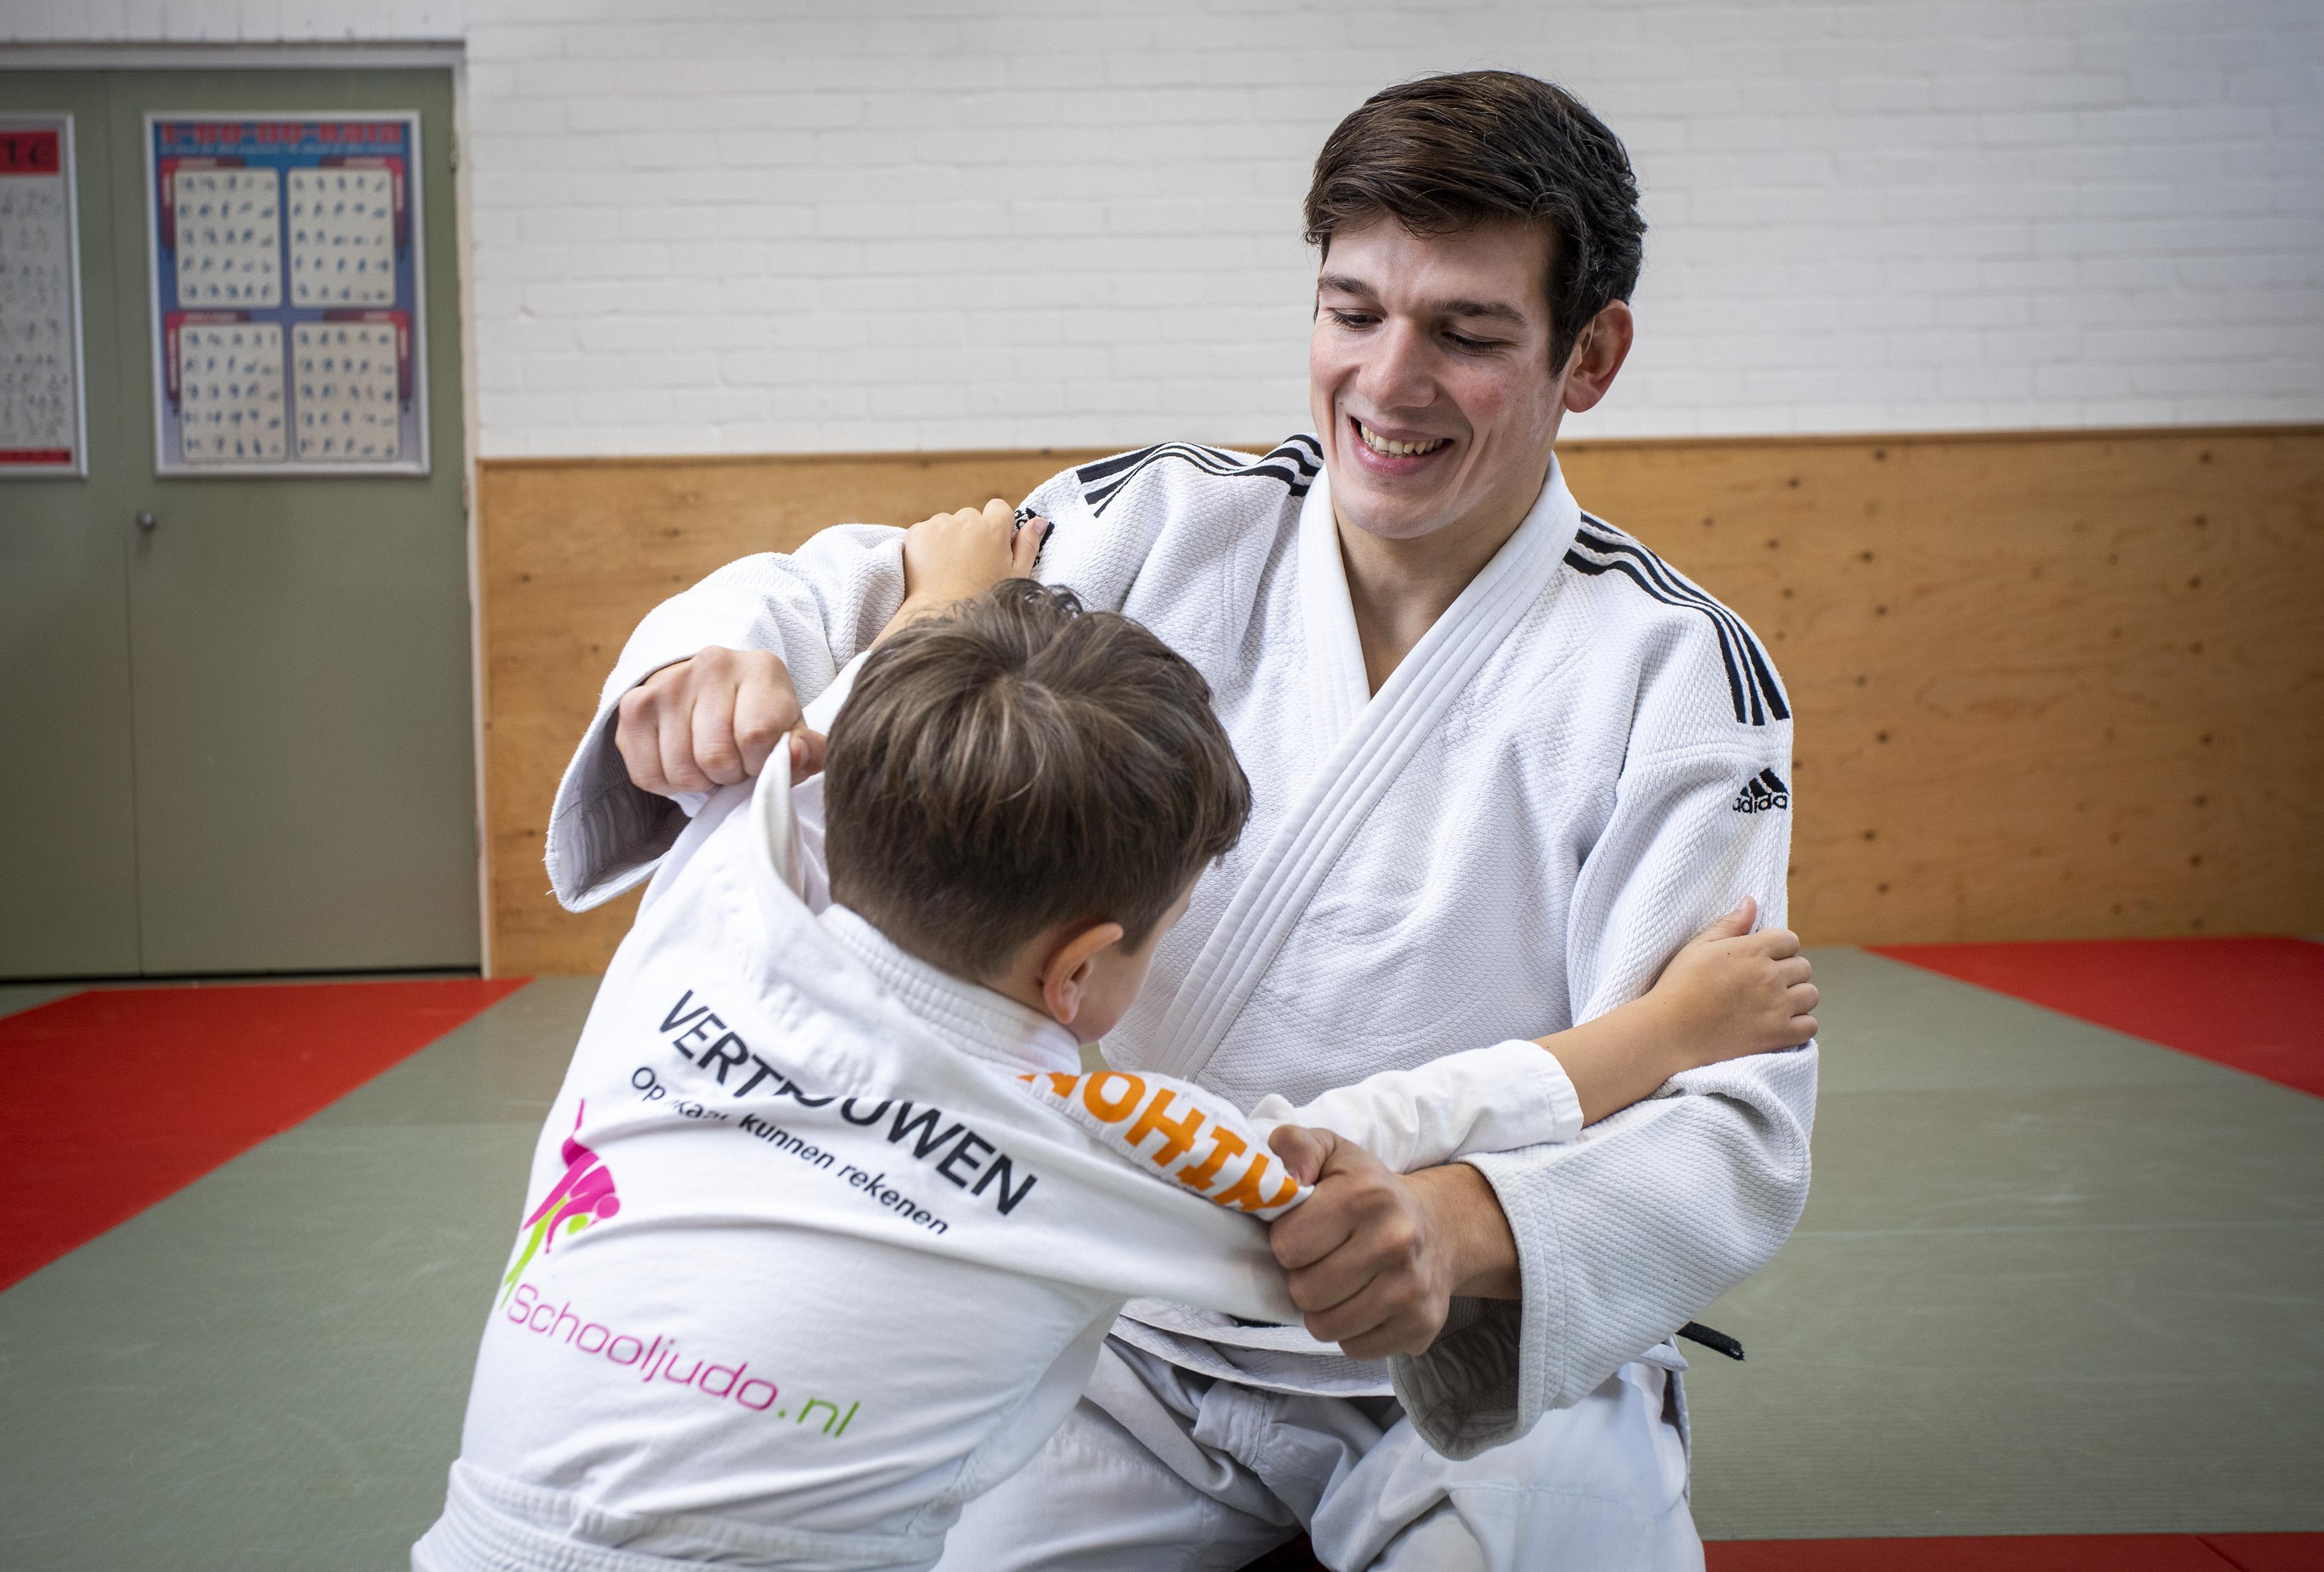 In de houdgreep op de Hummelingschool in Hilversum; 'Bij Schooljudo gaat het er niet om dat je de beste judoka wordt'